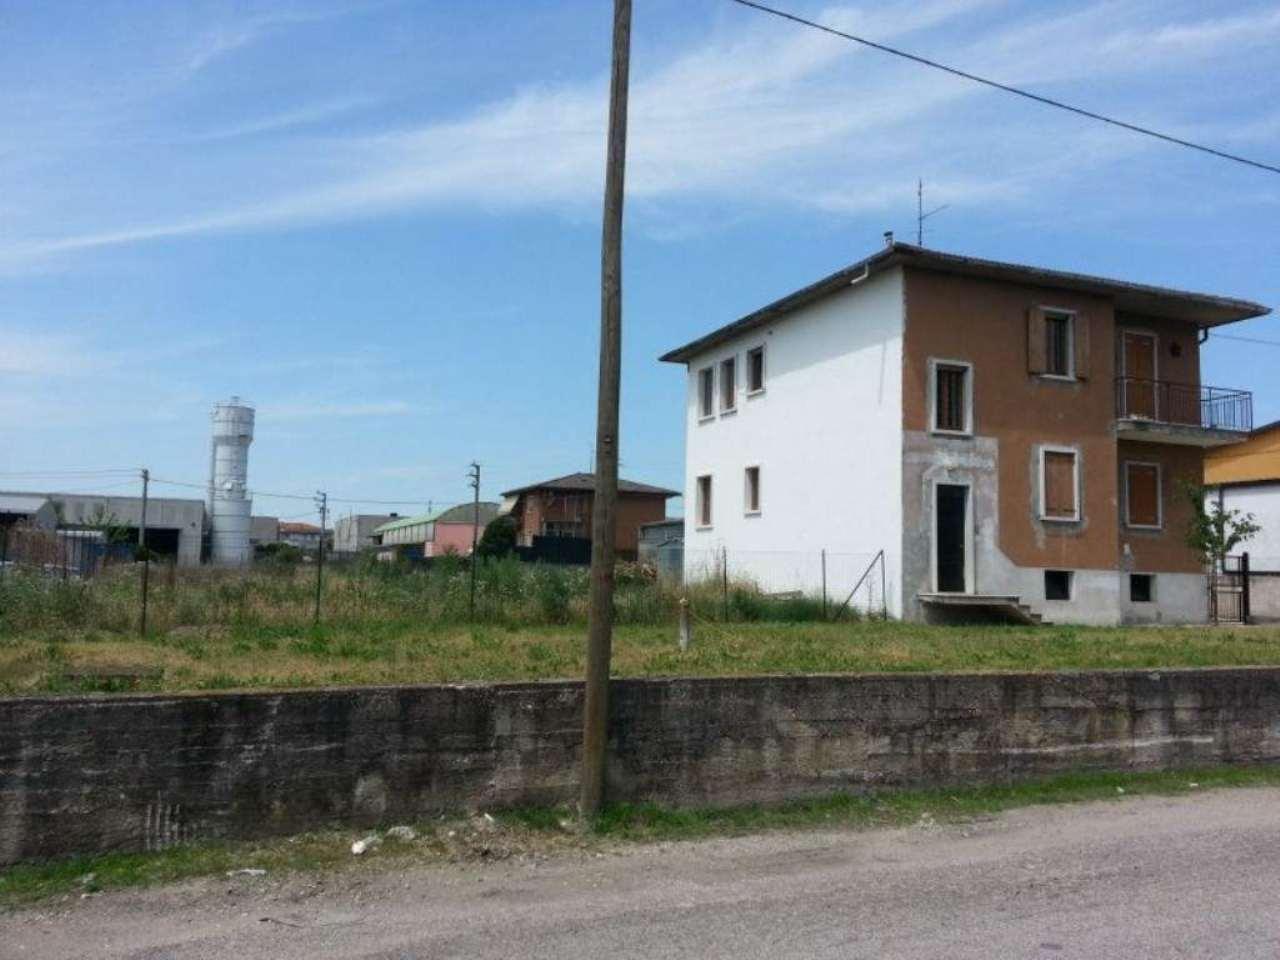 Terreno Edificabile Comm.le/Ind.le in vendita a Pescantina, 9999 locali, Trattative riservate | CambioCasa.it